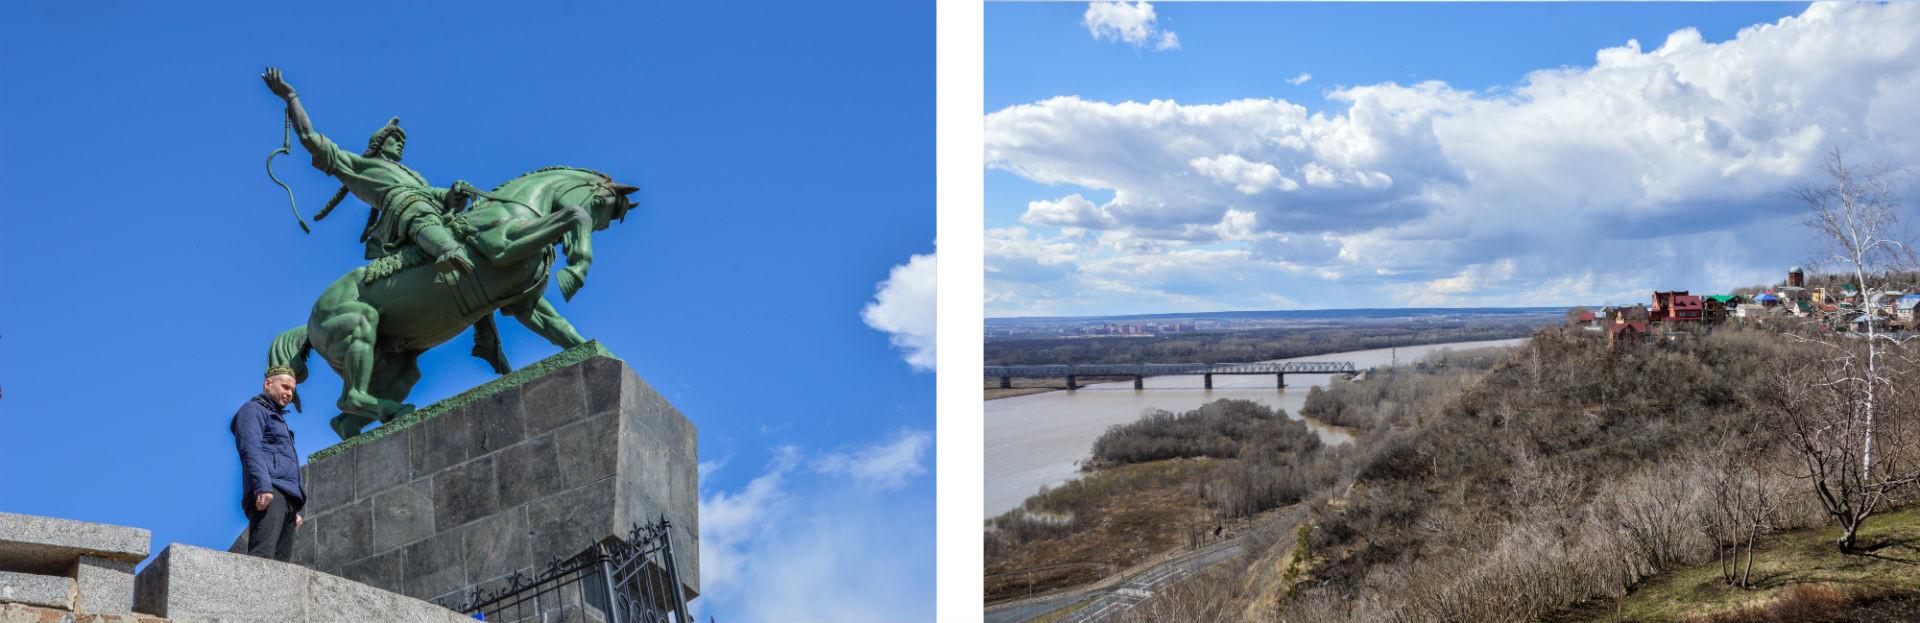 C'est un paysage à la beauté saisissante que fixent inlassablement Salavat Ioulaïev et sa monture.